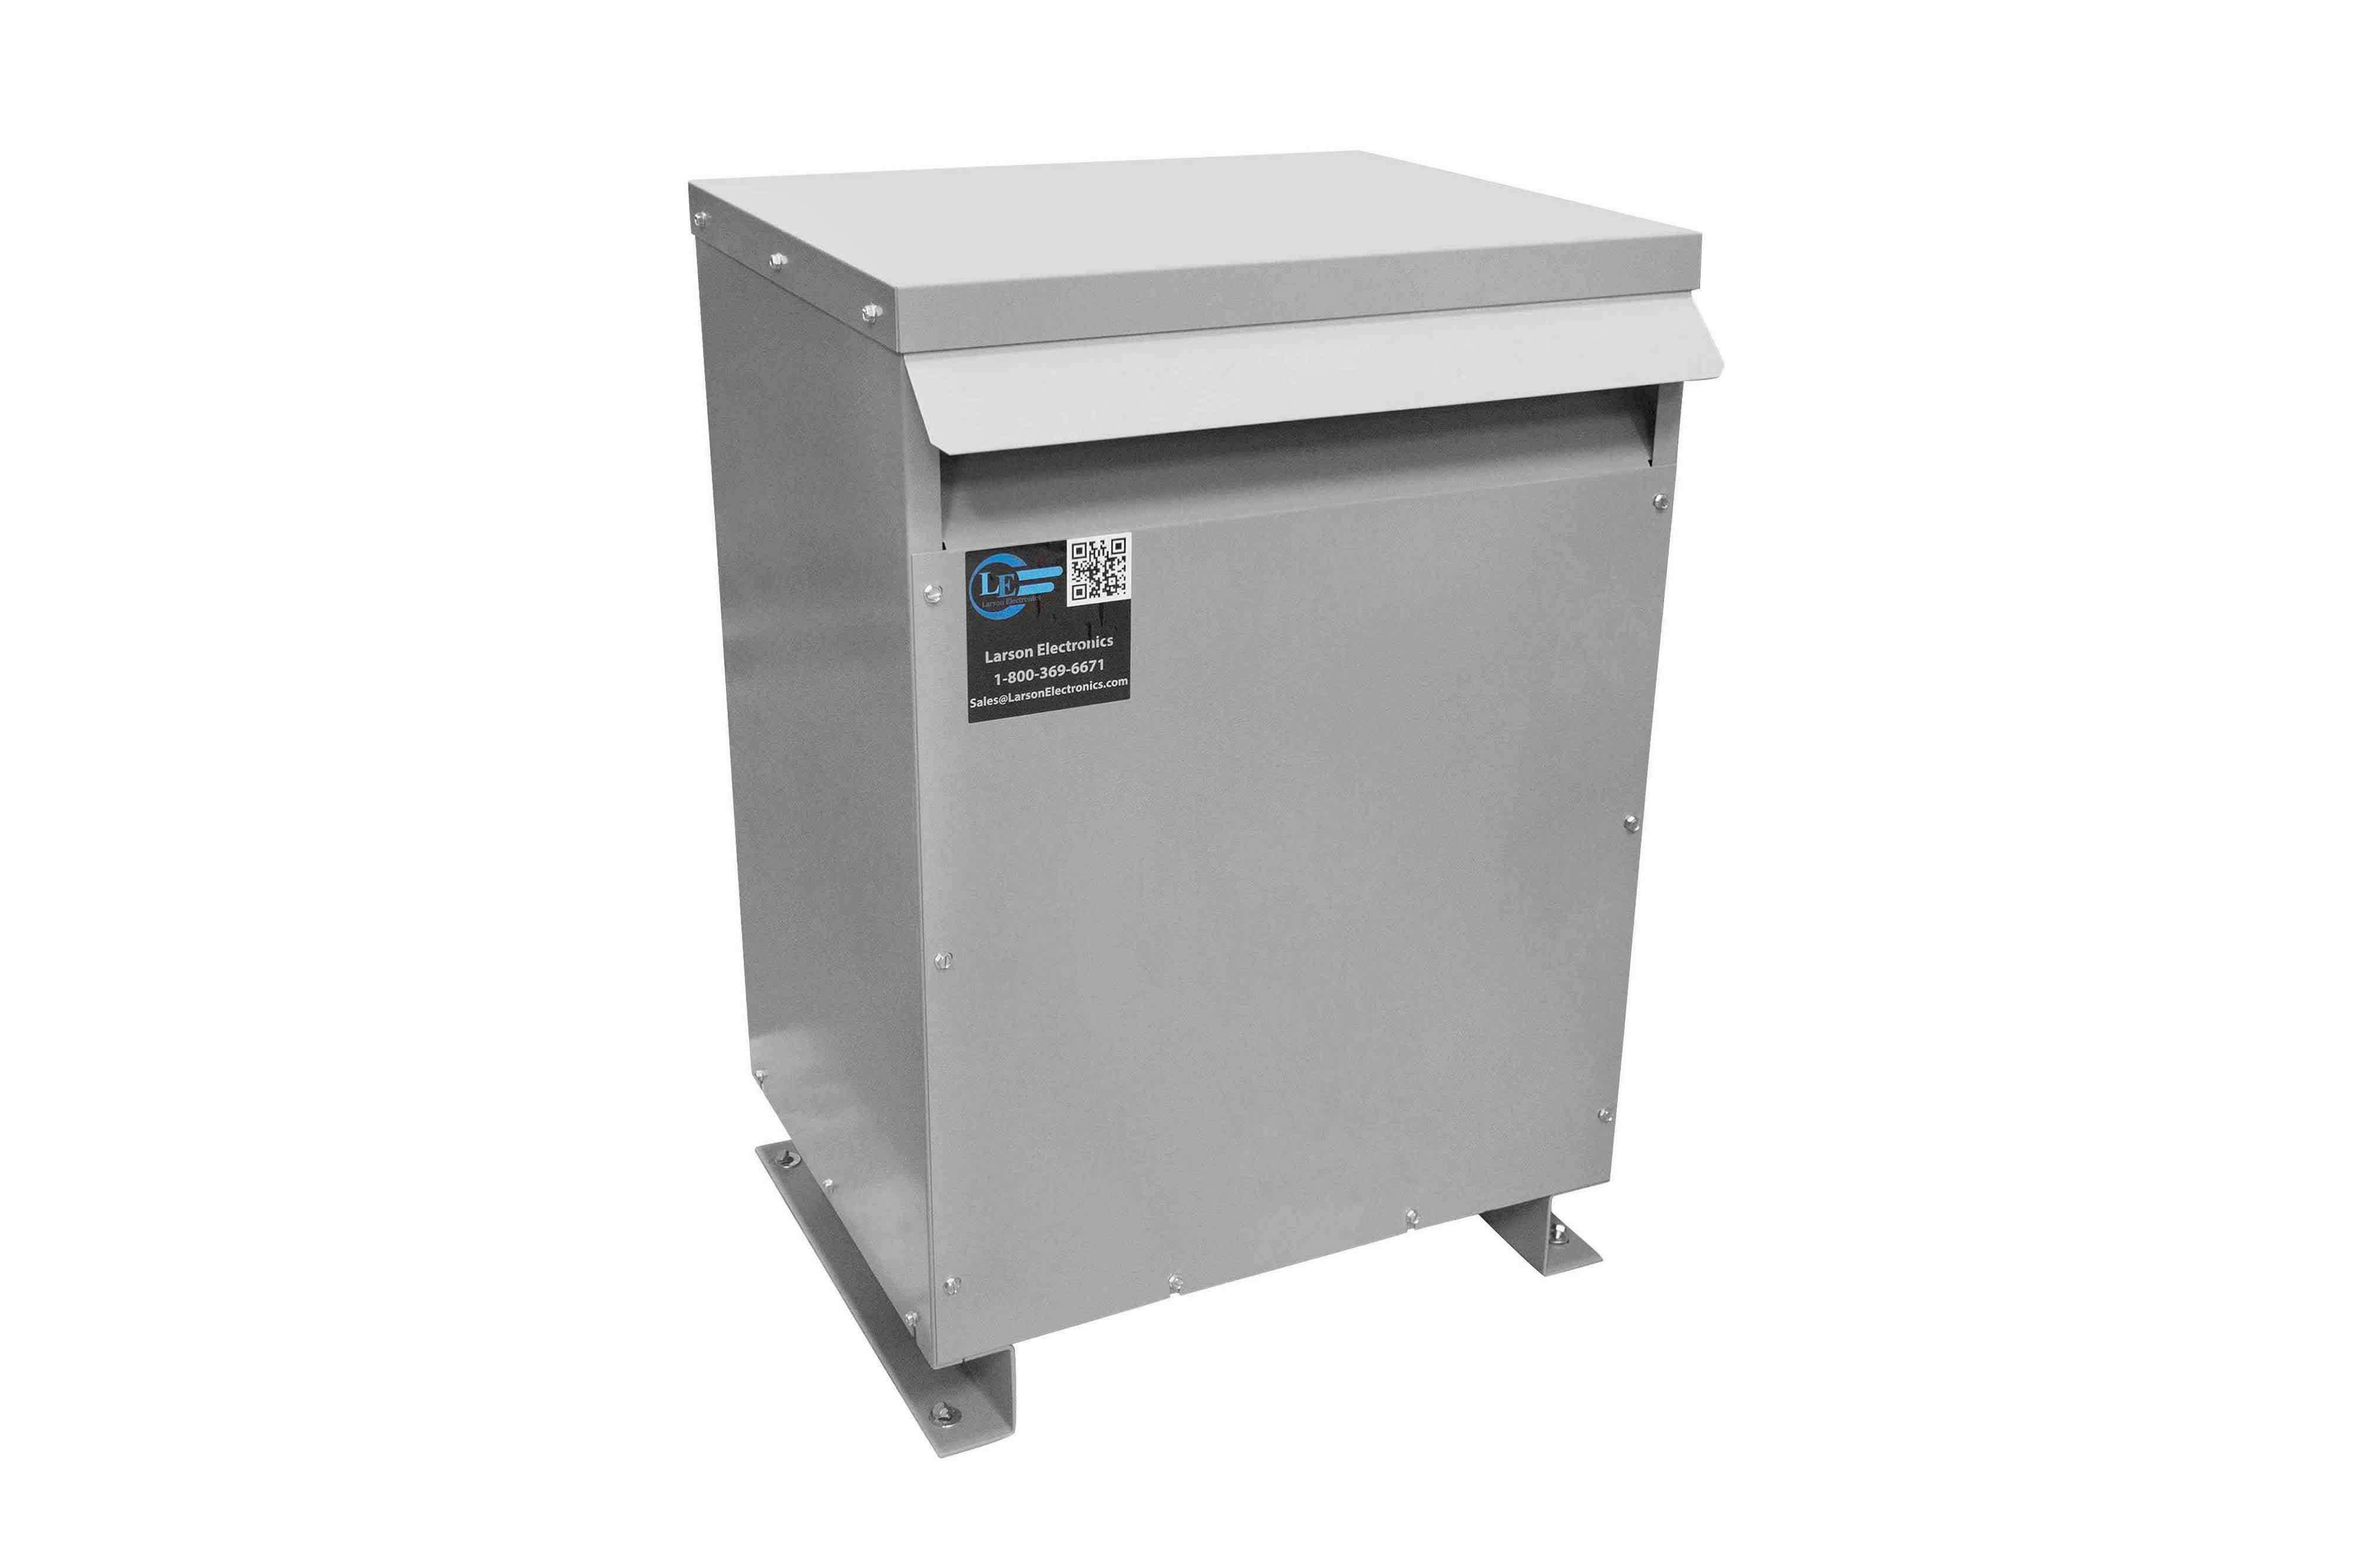 18 kVA 3PH Isolation Transformer, 460V Delta Primary, 400V Delta Secondary, N3R, Ventilated, 60 Hz